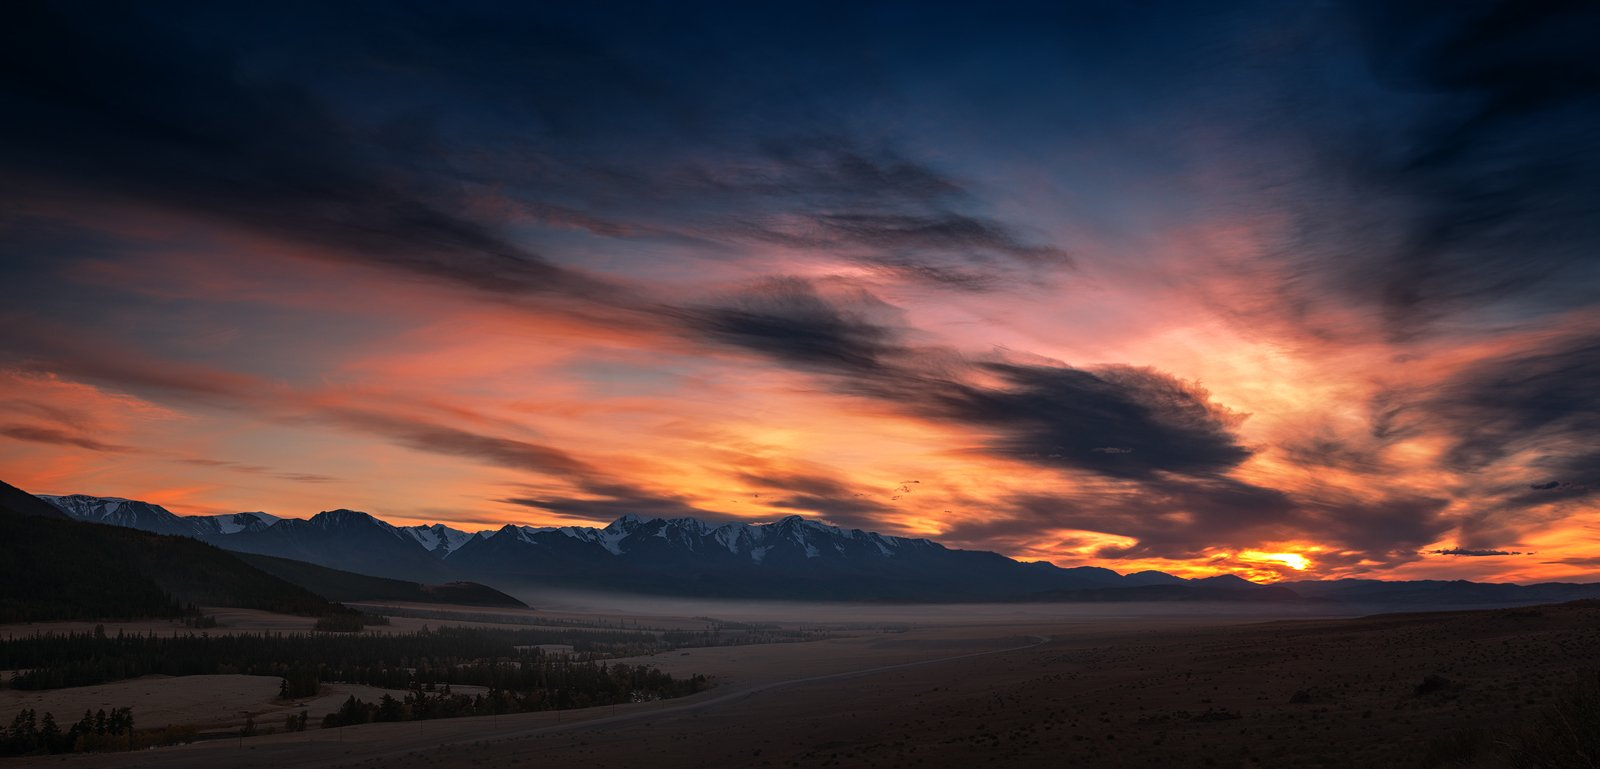 пейзаж, панорама, природа, степь, долина, горы, хребет, вершина, закат, вечер, небо, облака, синий, красный, желтый, большой, высокий, красивая, туман, Дмитрий Антипов